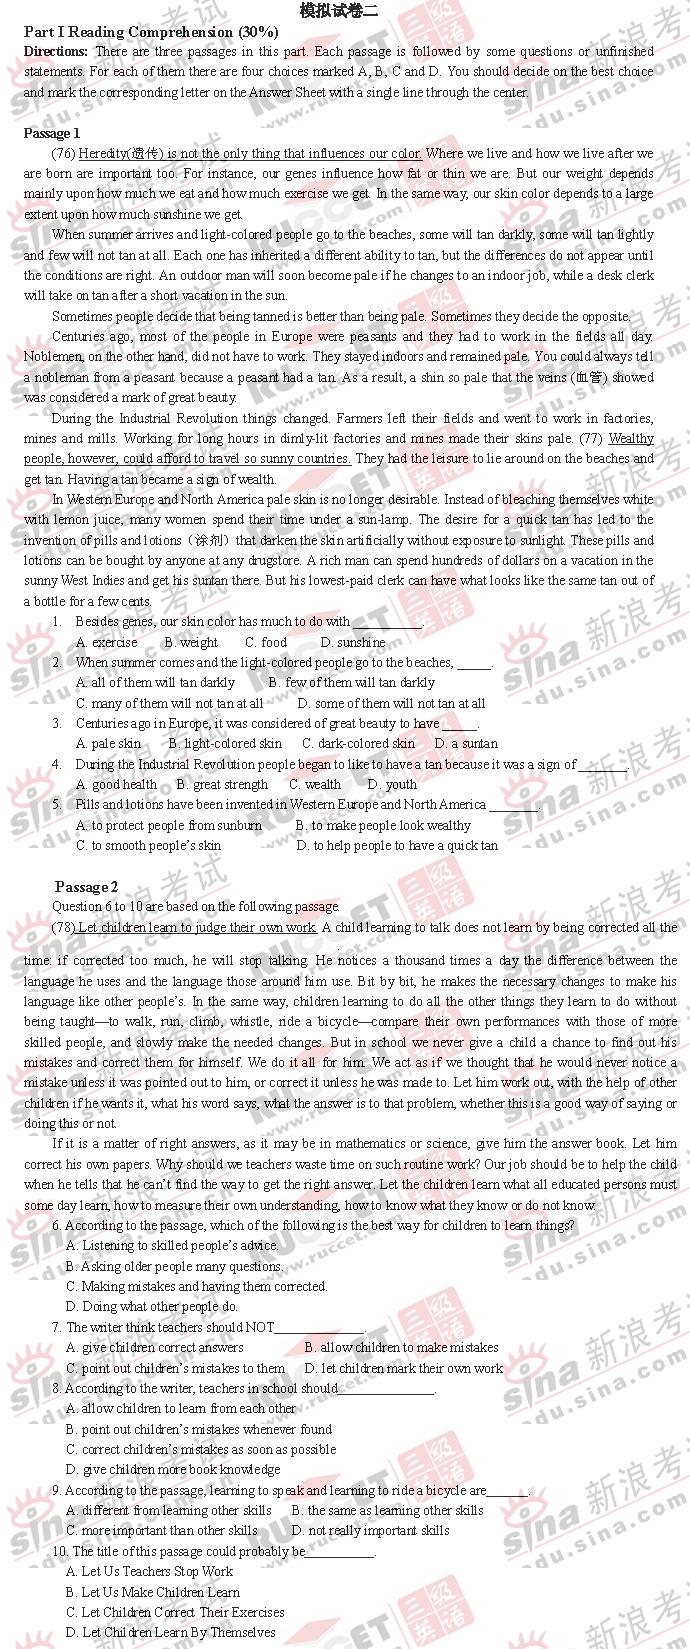 2007年4月成人<a href=http://www.whlidayuan.com/yingyupeixunjigou/403.html target=_blank class=infotextkey>学位英语</a>考试模拟题及答案(二